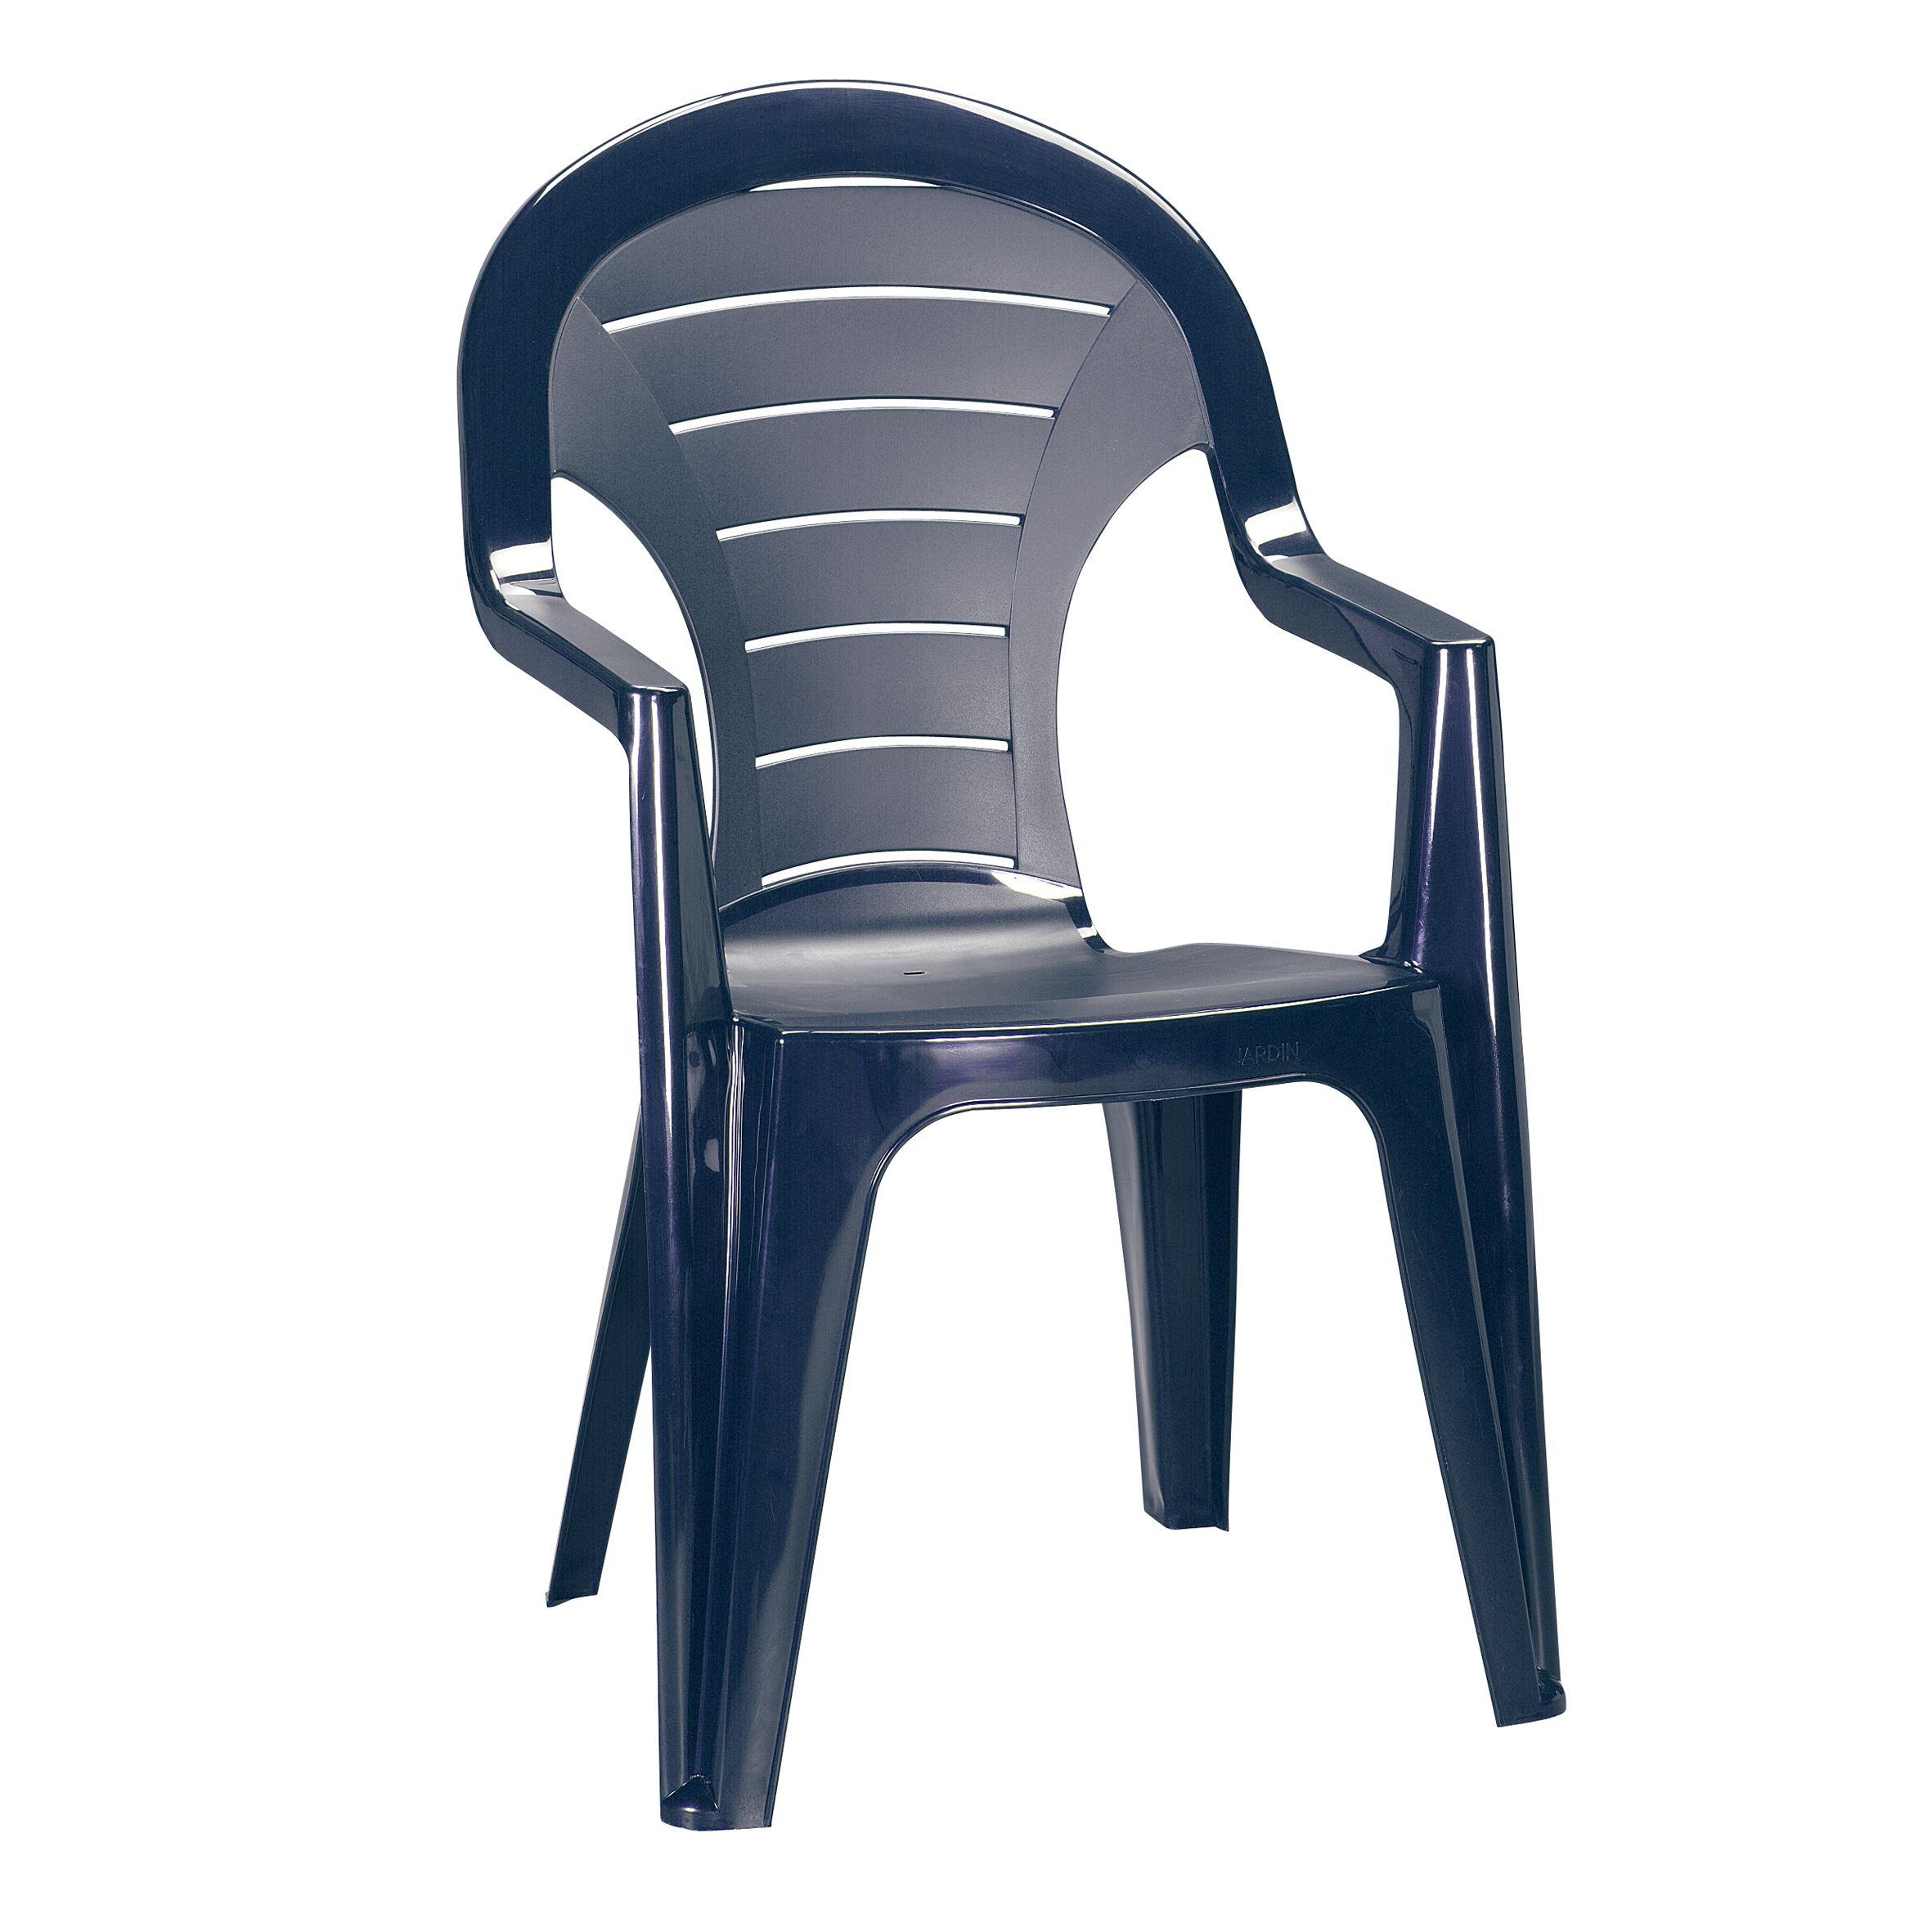 Stapelstuhl Bonaire Kunststoff blau Stapel Stuhl Gartenstuhl ...